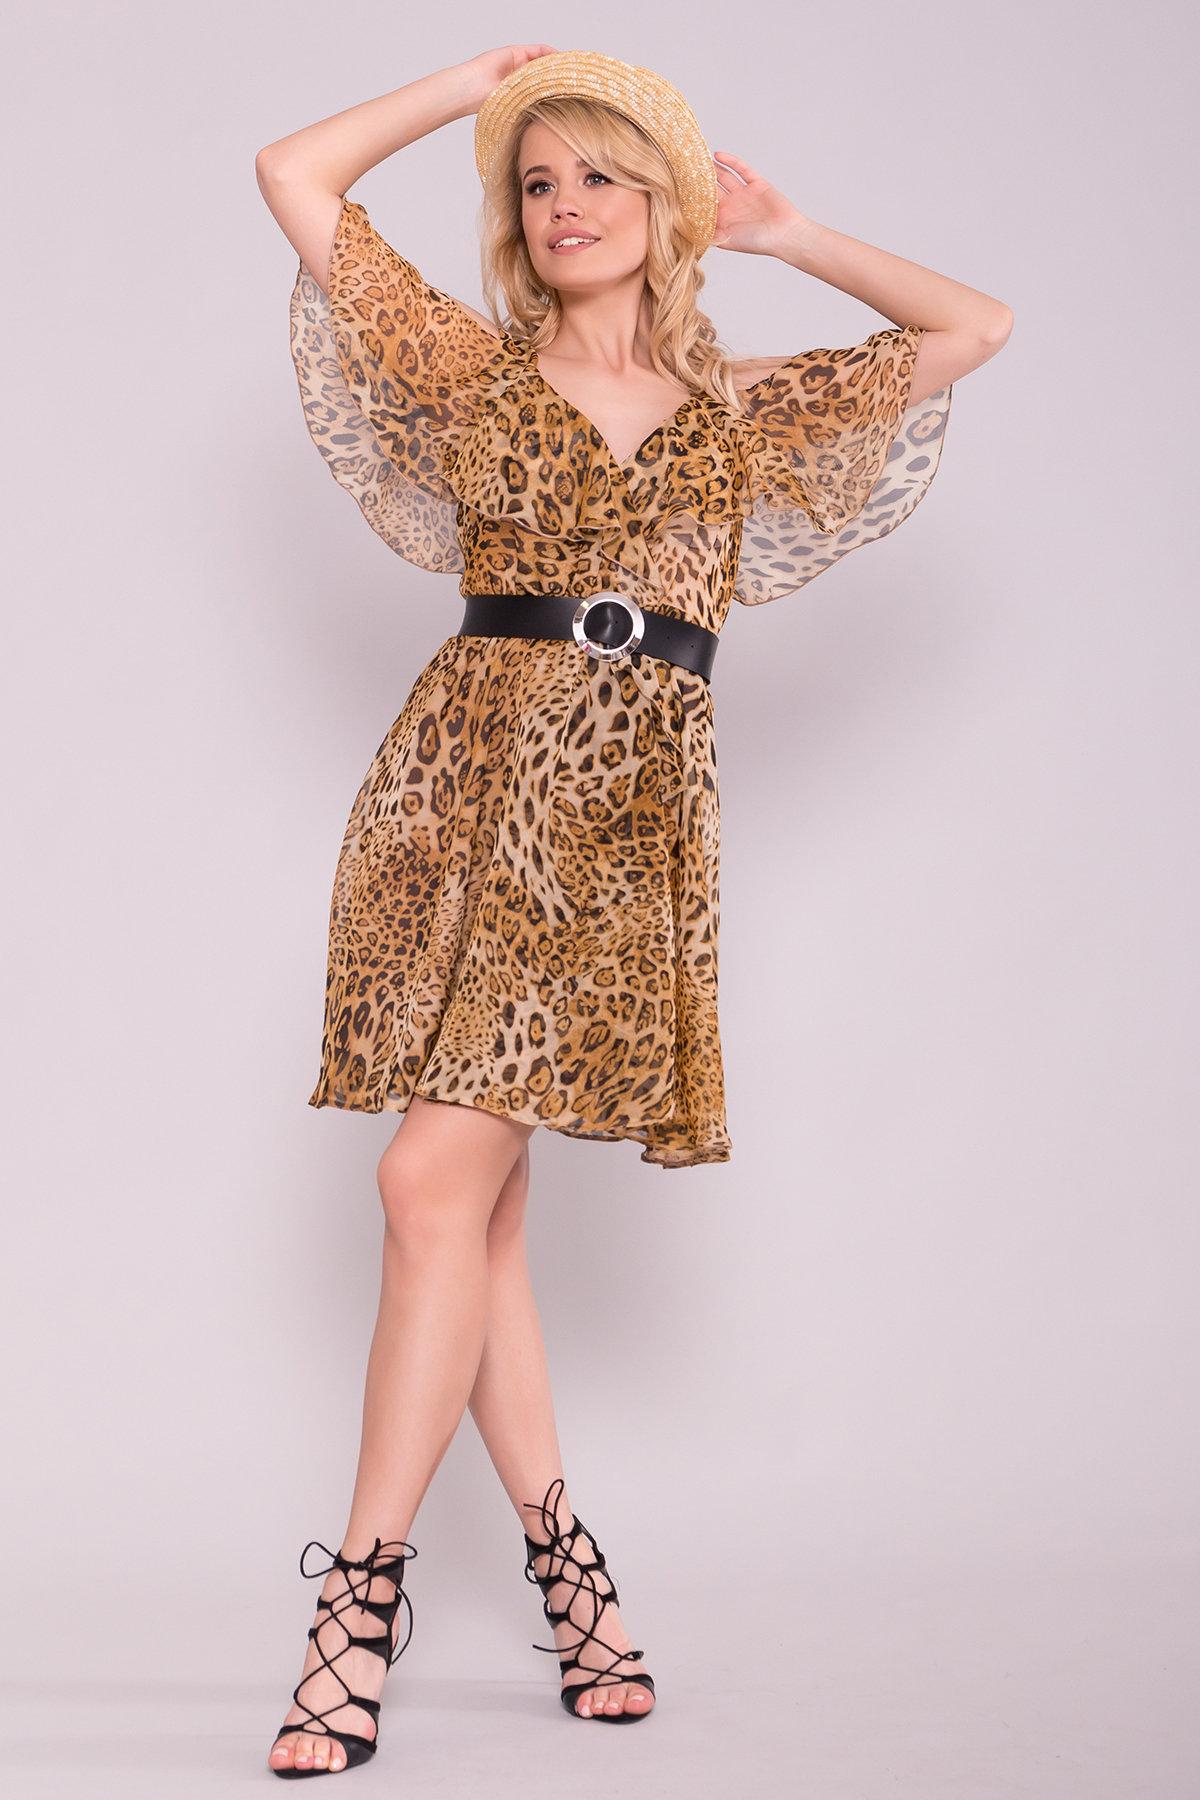 модное платье на весну Платье животный принт Нуара 6925